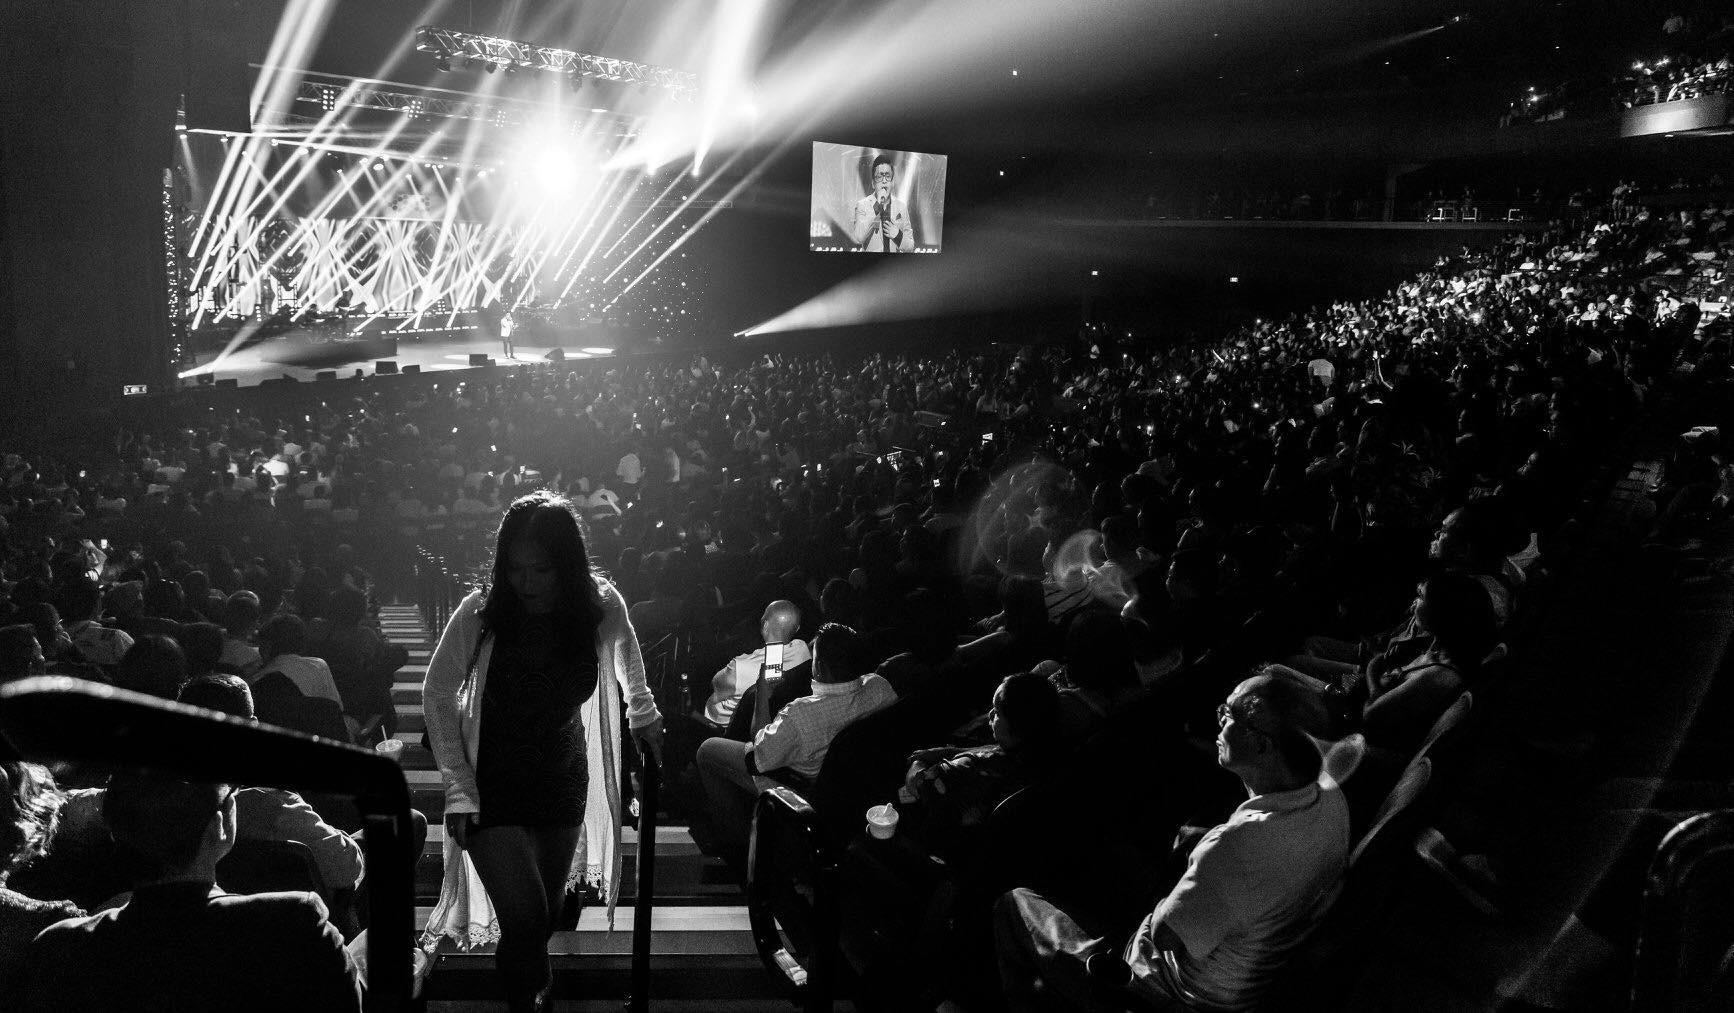 Hương Tràm hát live giữa ngàn khán giả Mỹ, fan đăng ảnh dìm hàng và đây là phản ứng đáng yêu của nữ ca sĩ  - Ảnh 6.